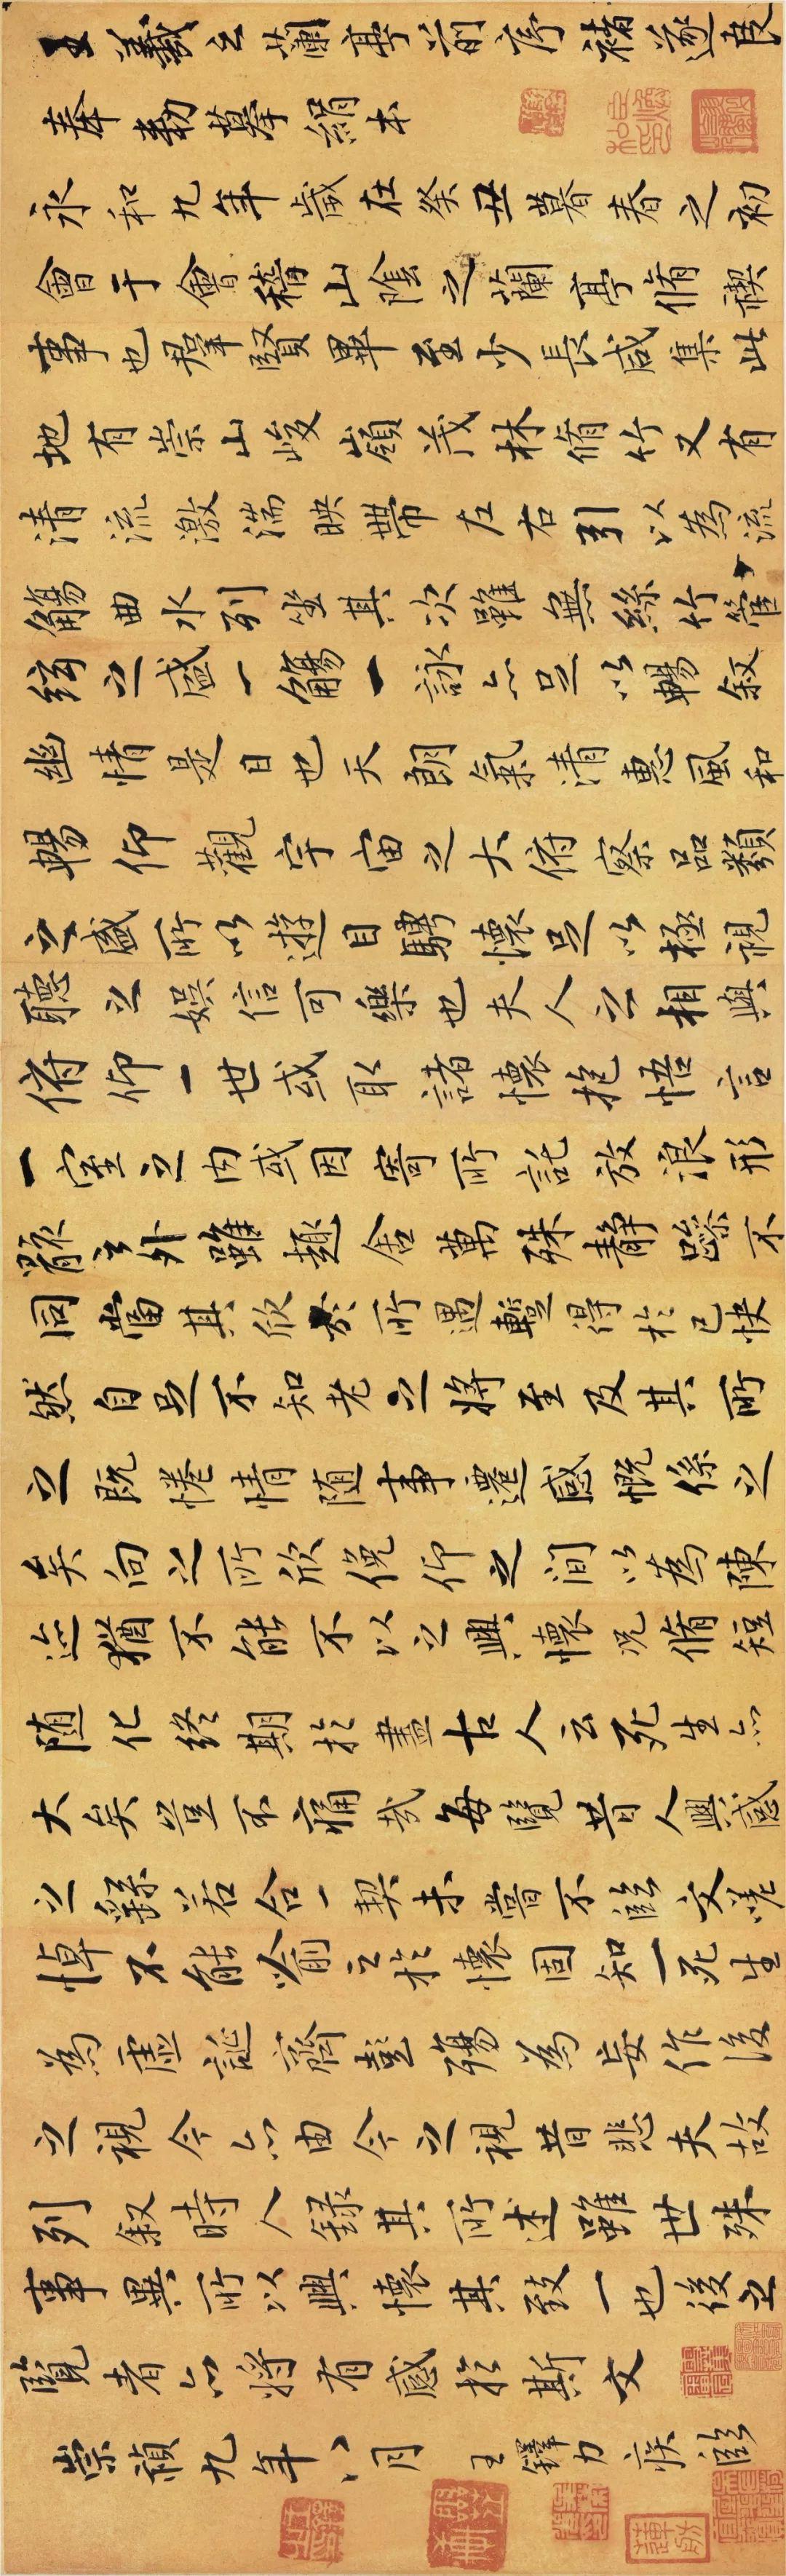 虞世南、褚遂良、米芾、赵孟頫、董其昌、王铎等众书家临《兰亭序》!